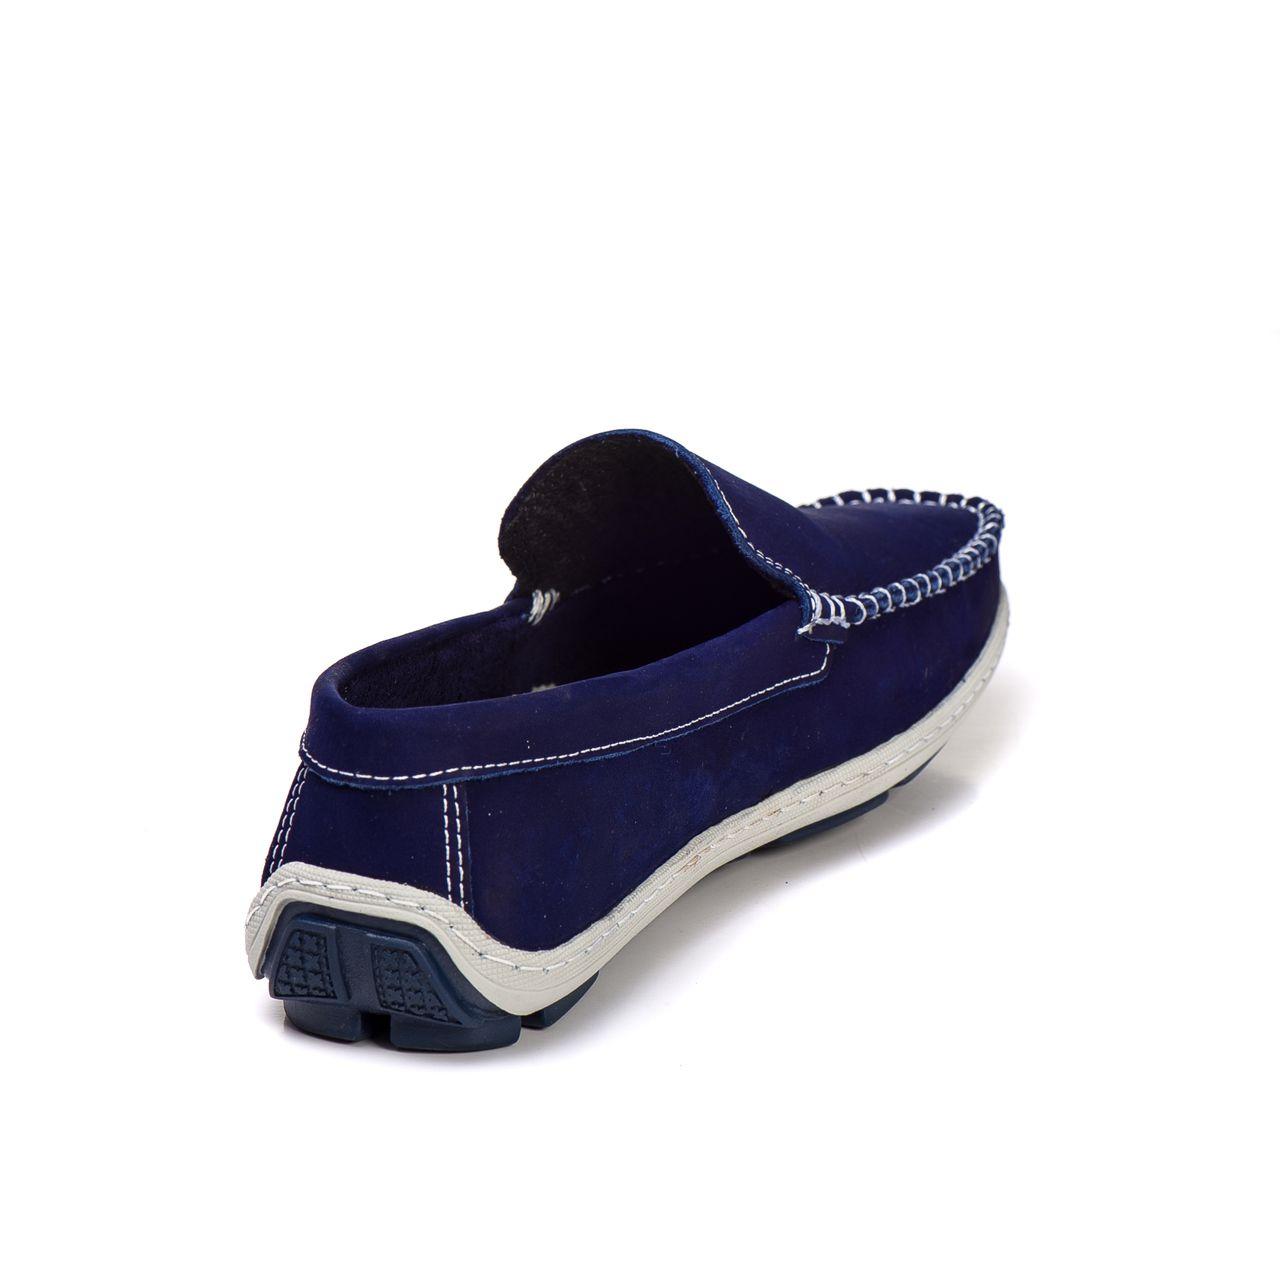 419a242b20d Sapato Mocassim Couro Legítimo Azul bic - Kapell Calçados